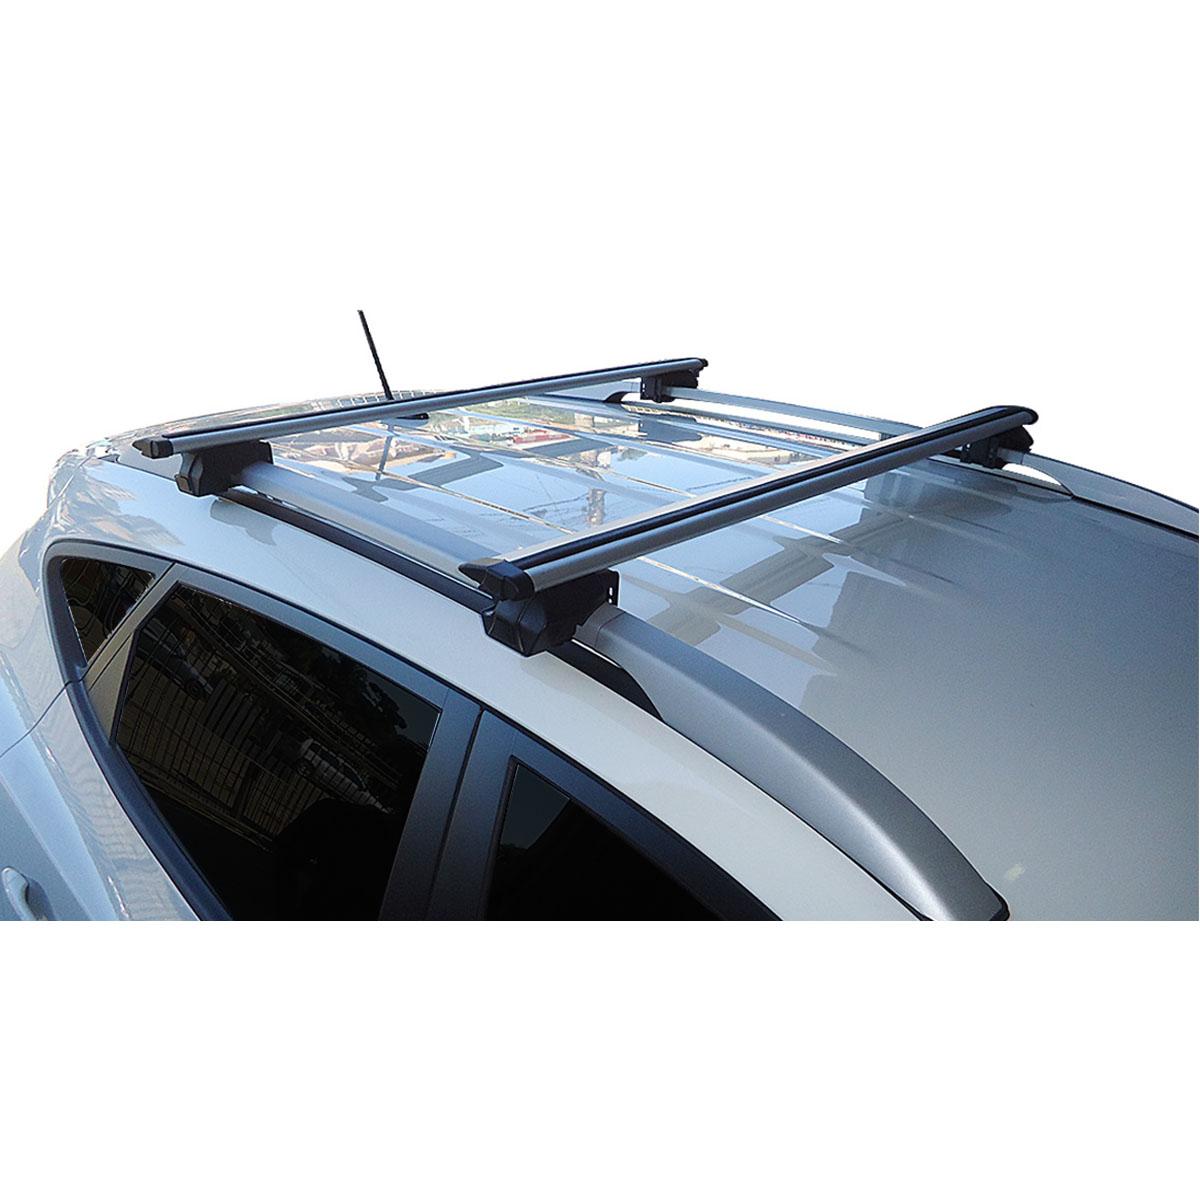 Travessa rack de teto Procargo RAV4 2006 a 2012 com trava de segurança